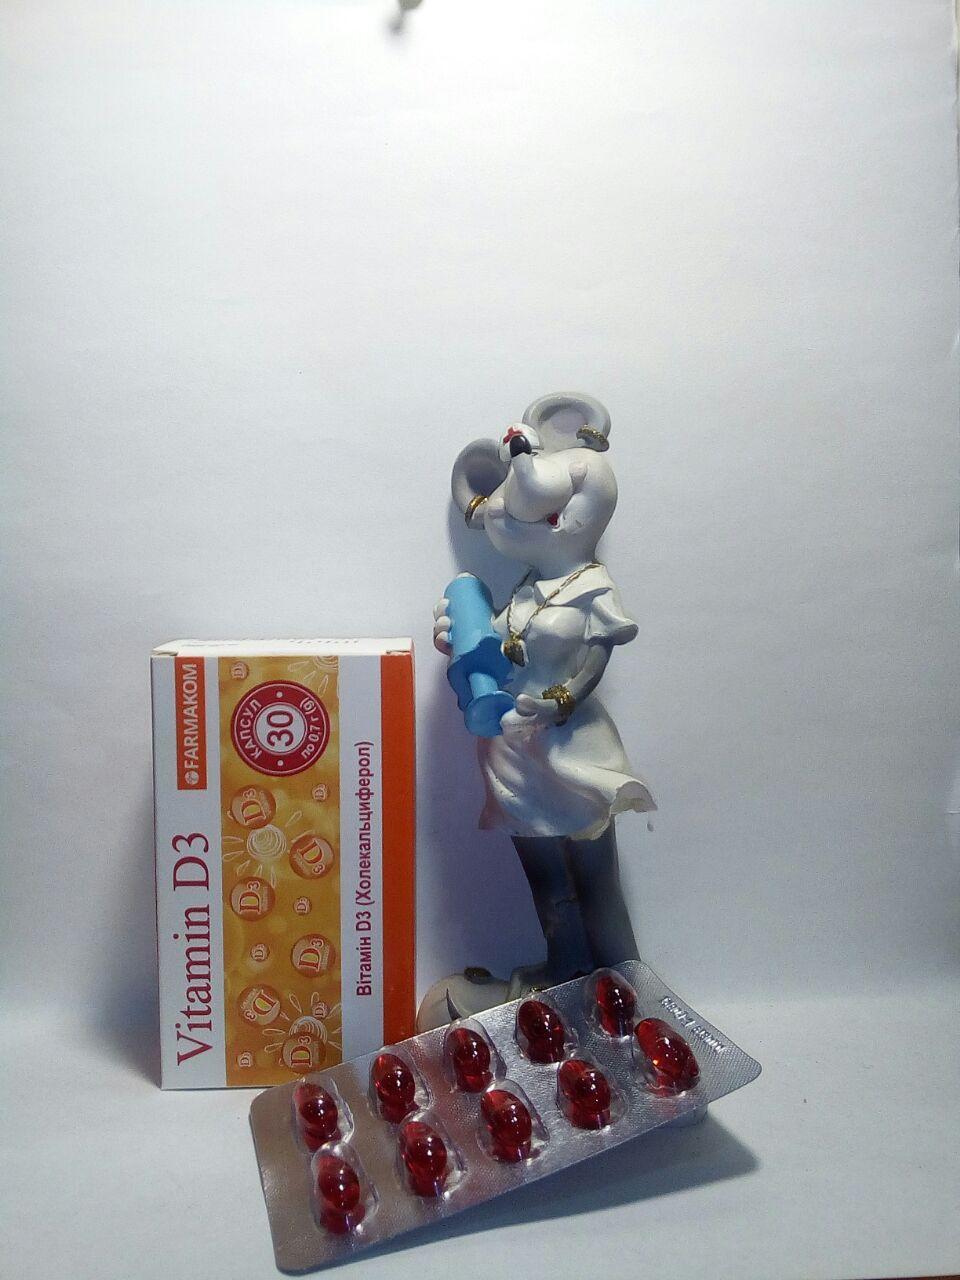 БАД витамин Д3 для укрепления организама, костной ткани, нервной системы